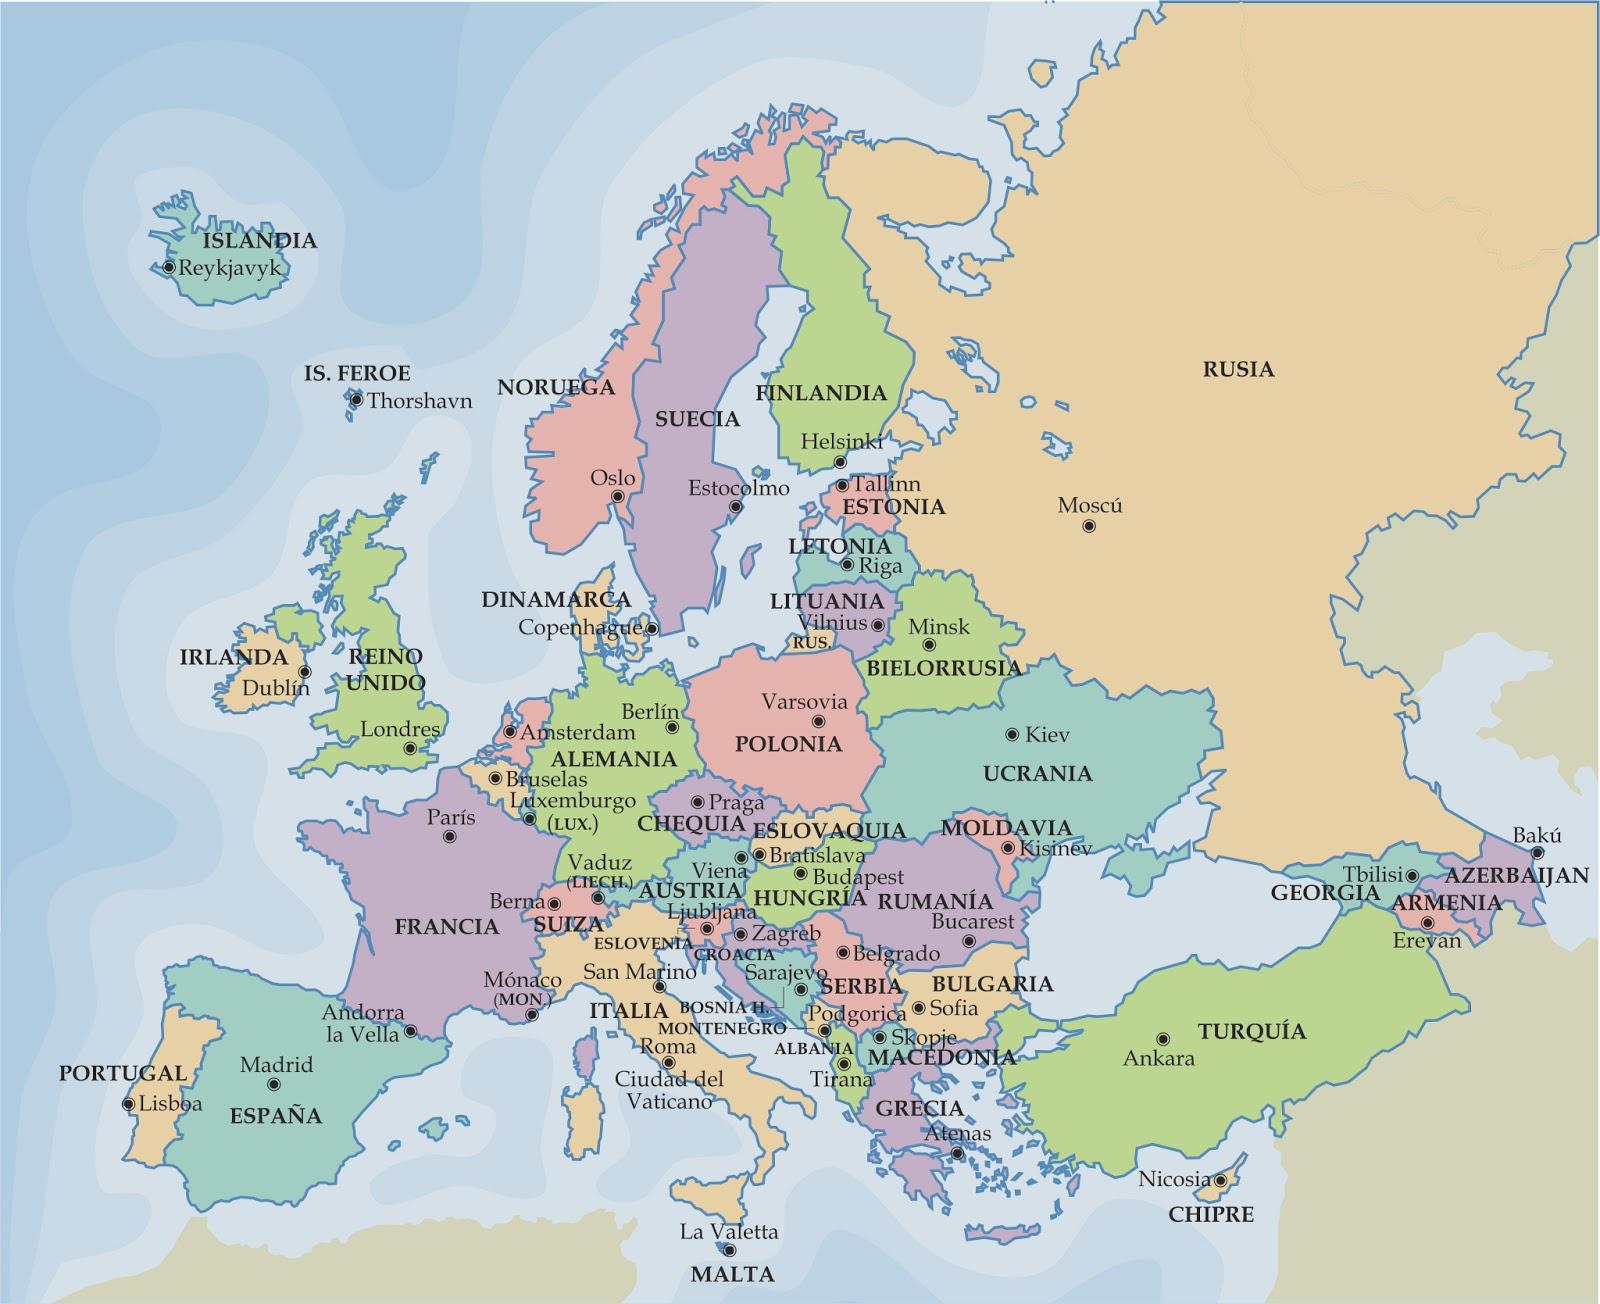 Mappa politica online dell'Europa 1